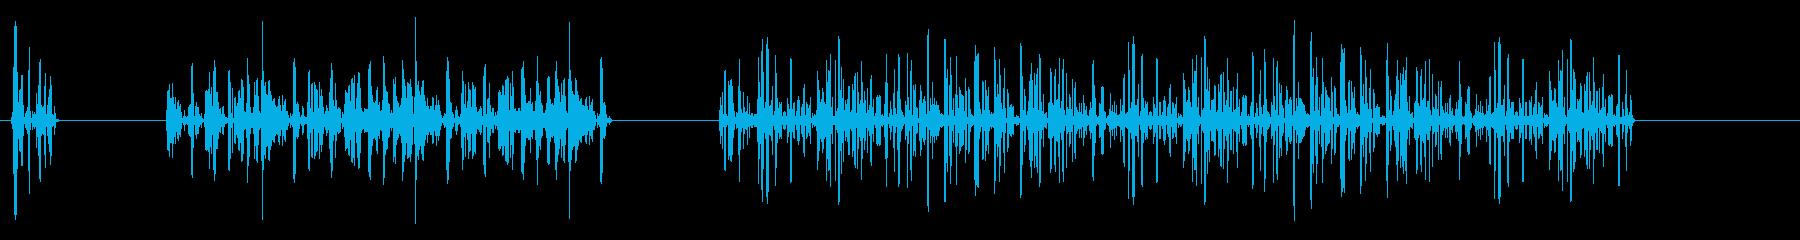 音声、スピーチ文字化けしたスピーチの再生済みの波形